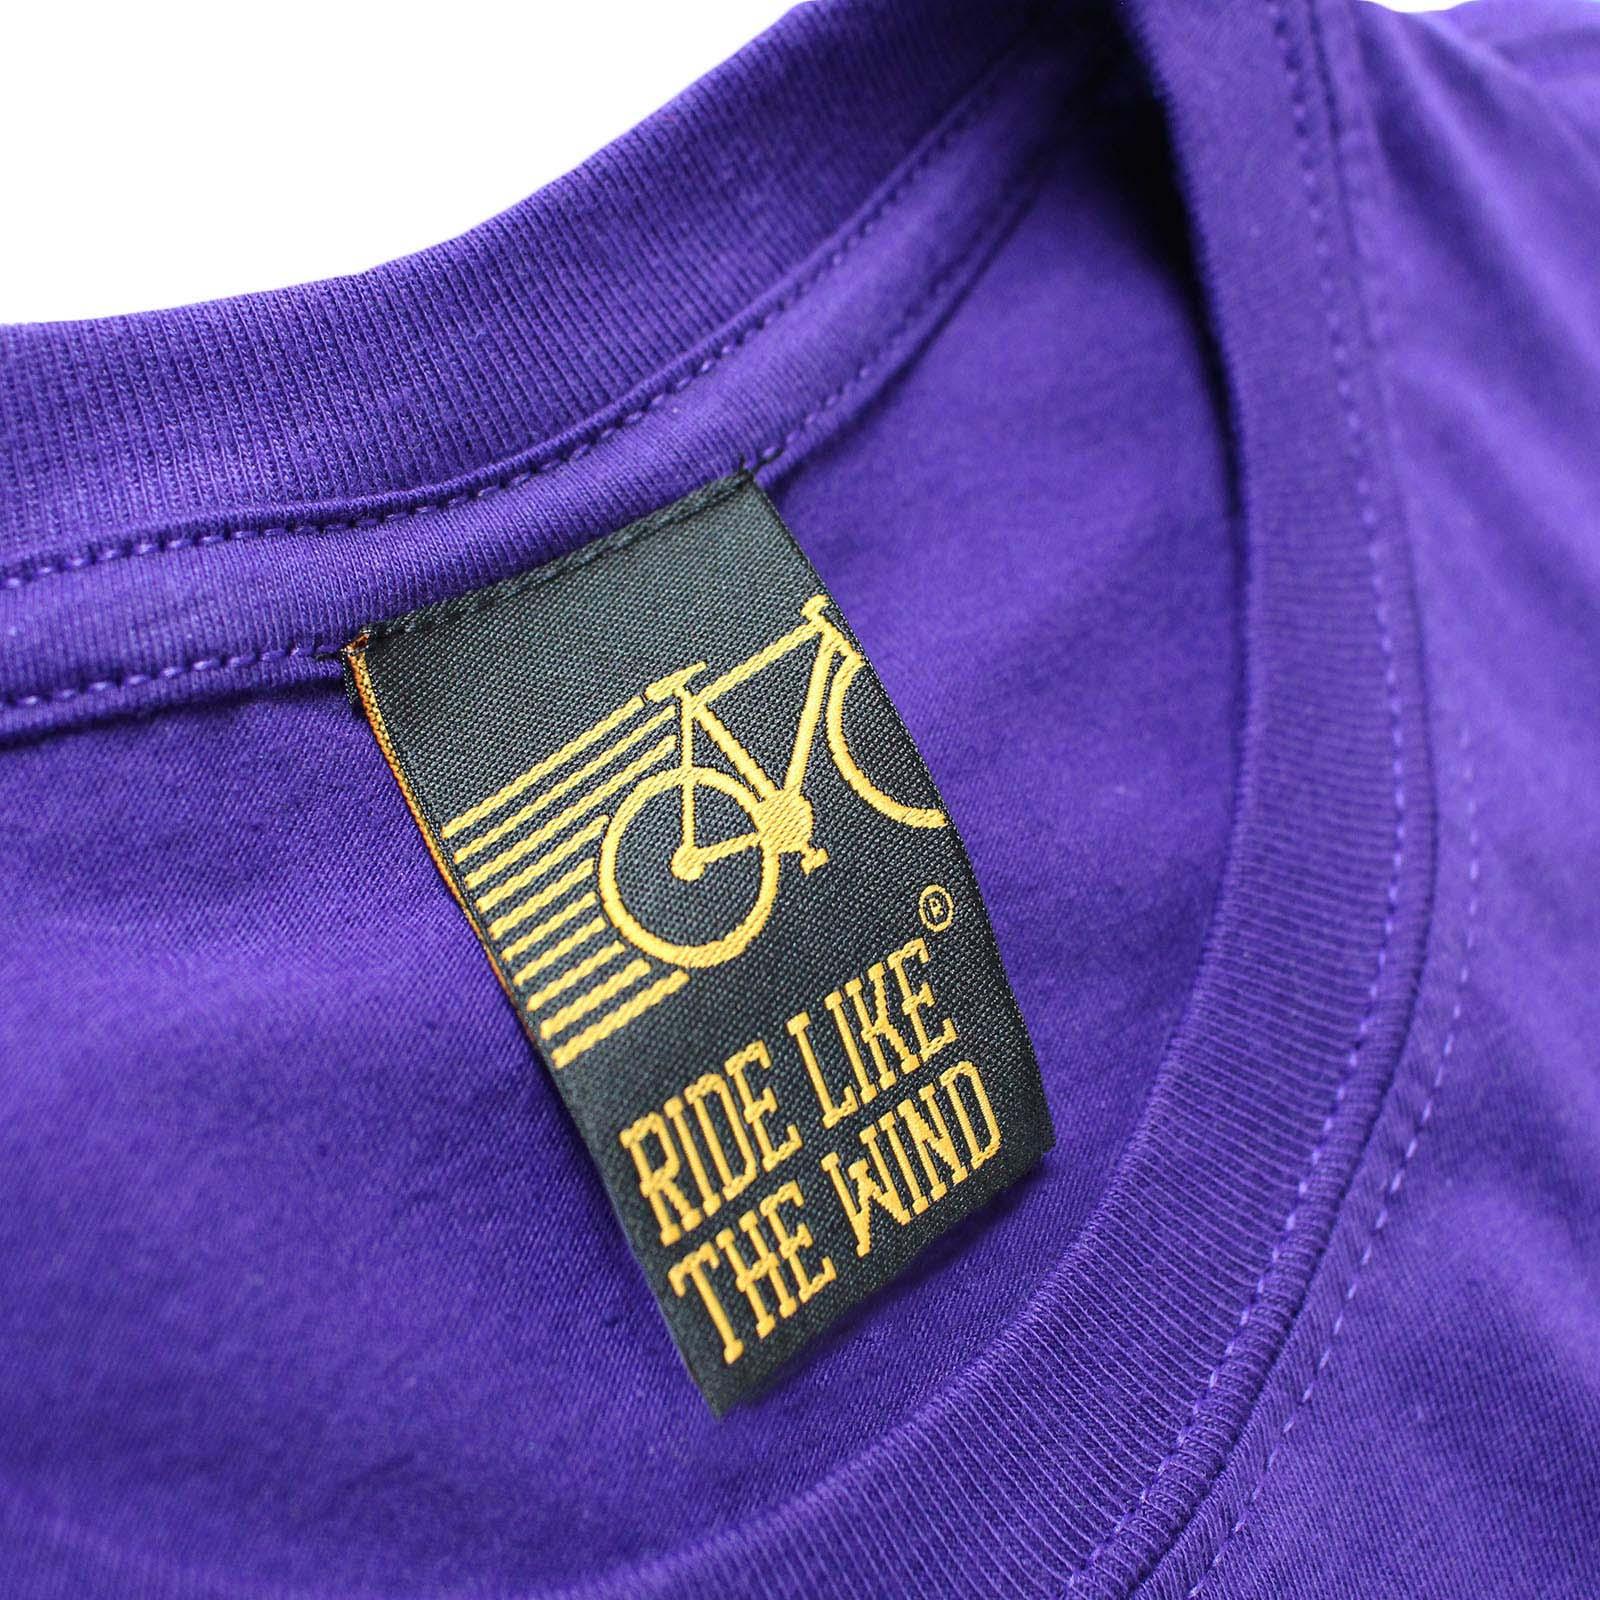 Cycling-T-Shirt-Funny-Novelty-Mens-tee-TShirt-Bikesexual thumbnail 23